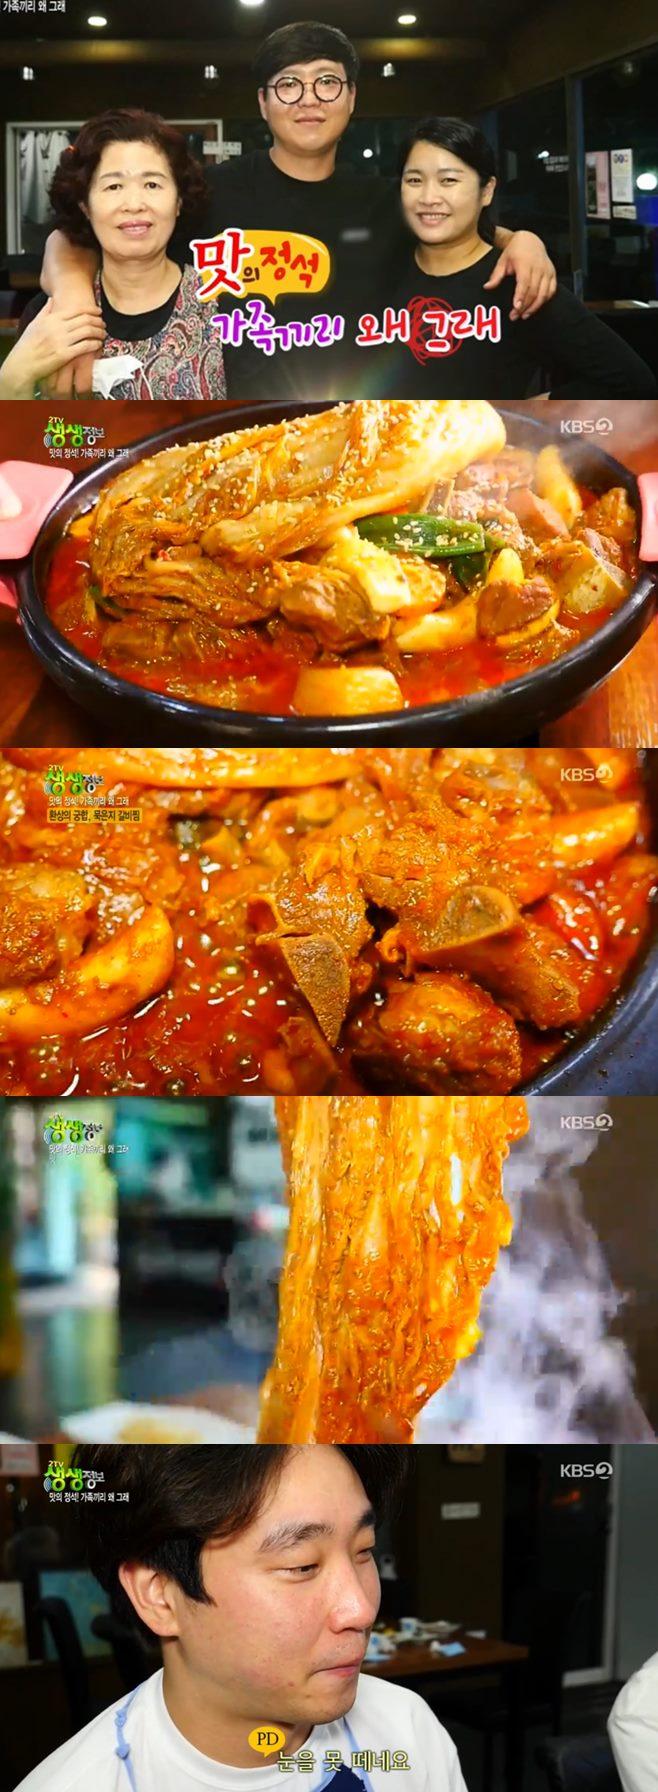 '2TV 생생정보' 묵은지갈비찜(설하식당)+청도 삼계탕·백숙(여정식당) 맛집